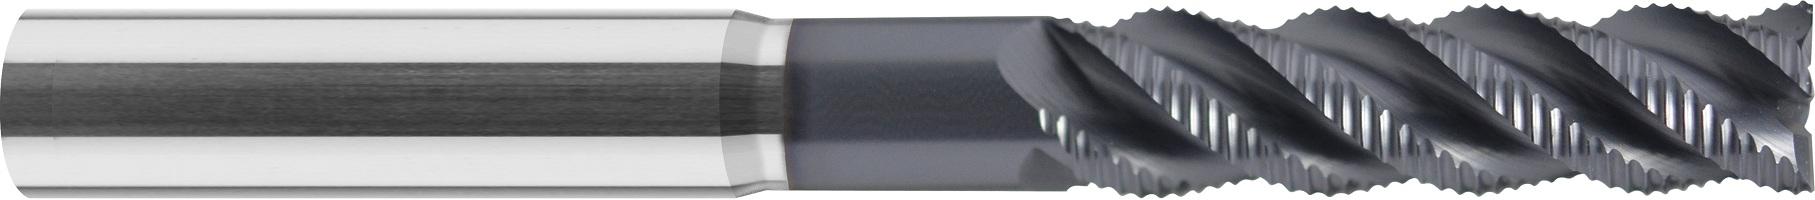 Frez do obróbki zgrubnej, bardzo długi, łamacz wióra typ-NR, HPC, 44 HRC, INOX, VHM (517)